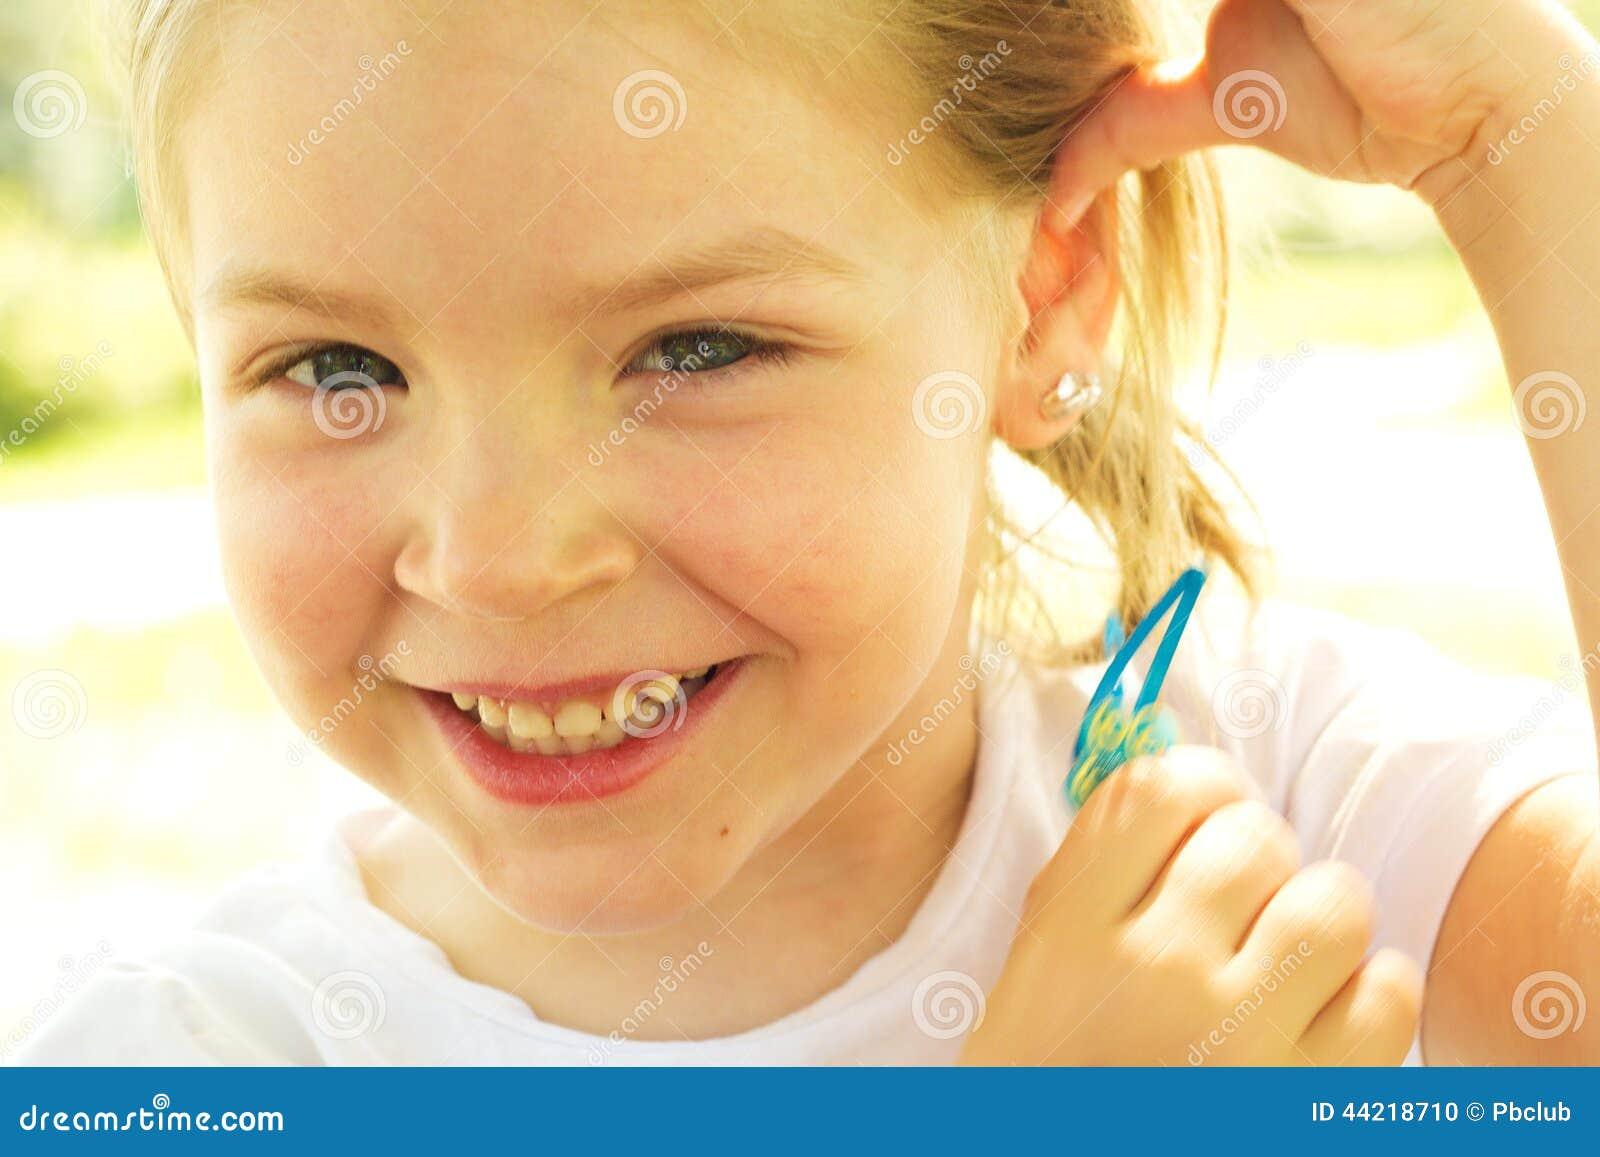 Glückliches kleines Mädchen, das Haarspange hält